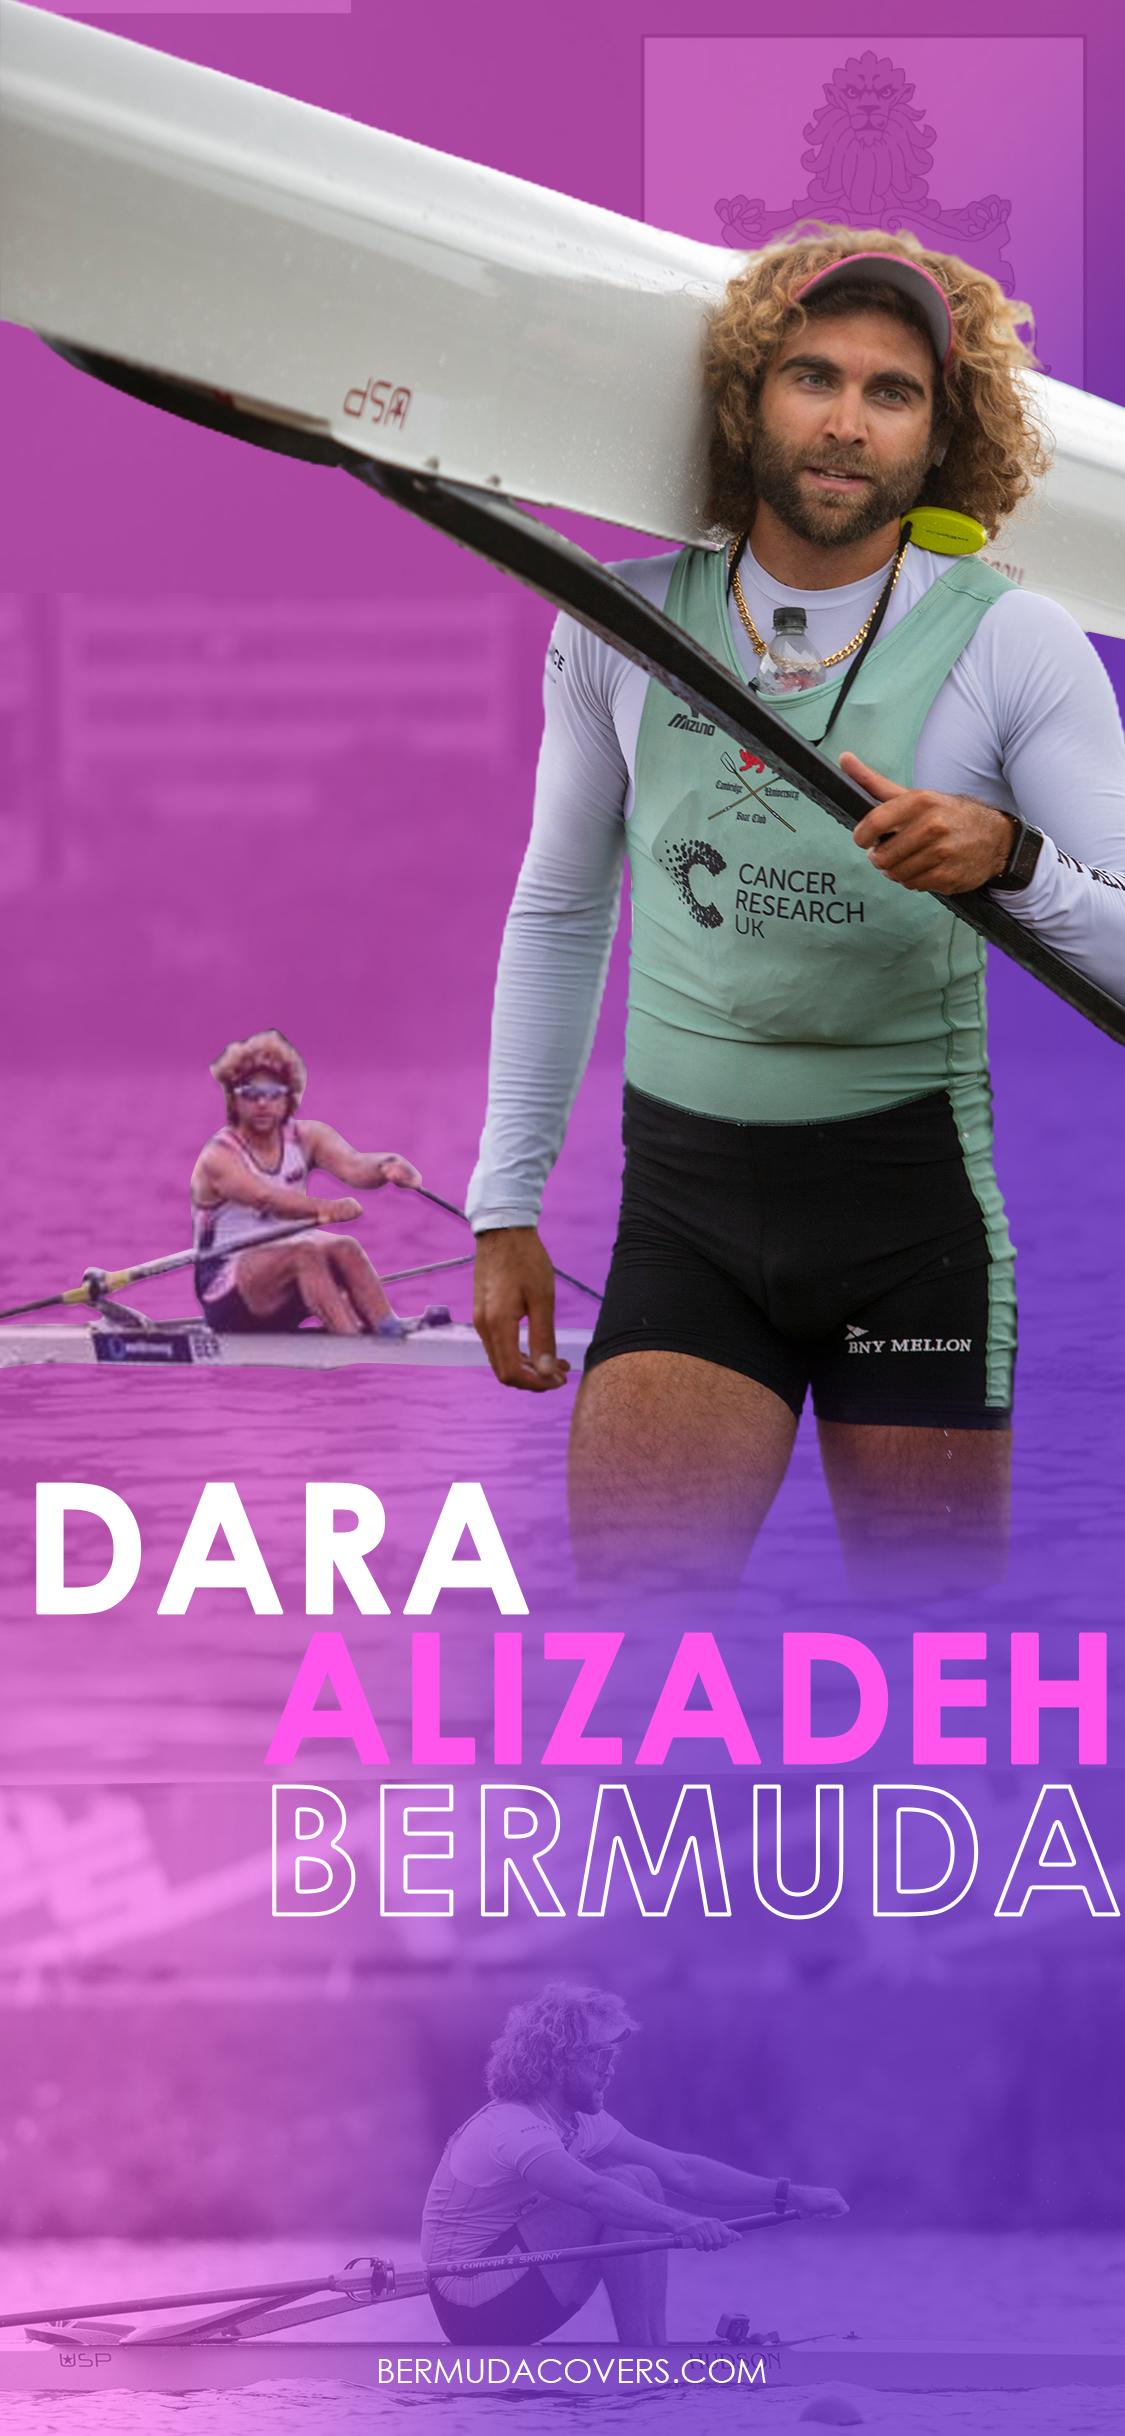 Dara Alizadeh Olympics Bermuda Bernews Mobile phone wallpaper lock screen design image photo 3cZZ